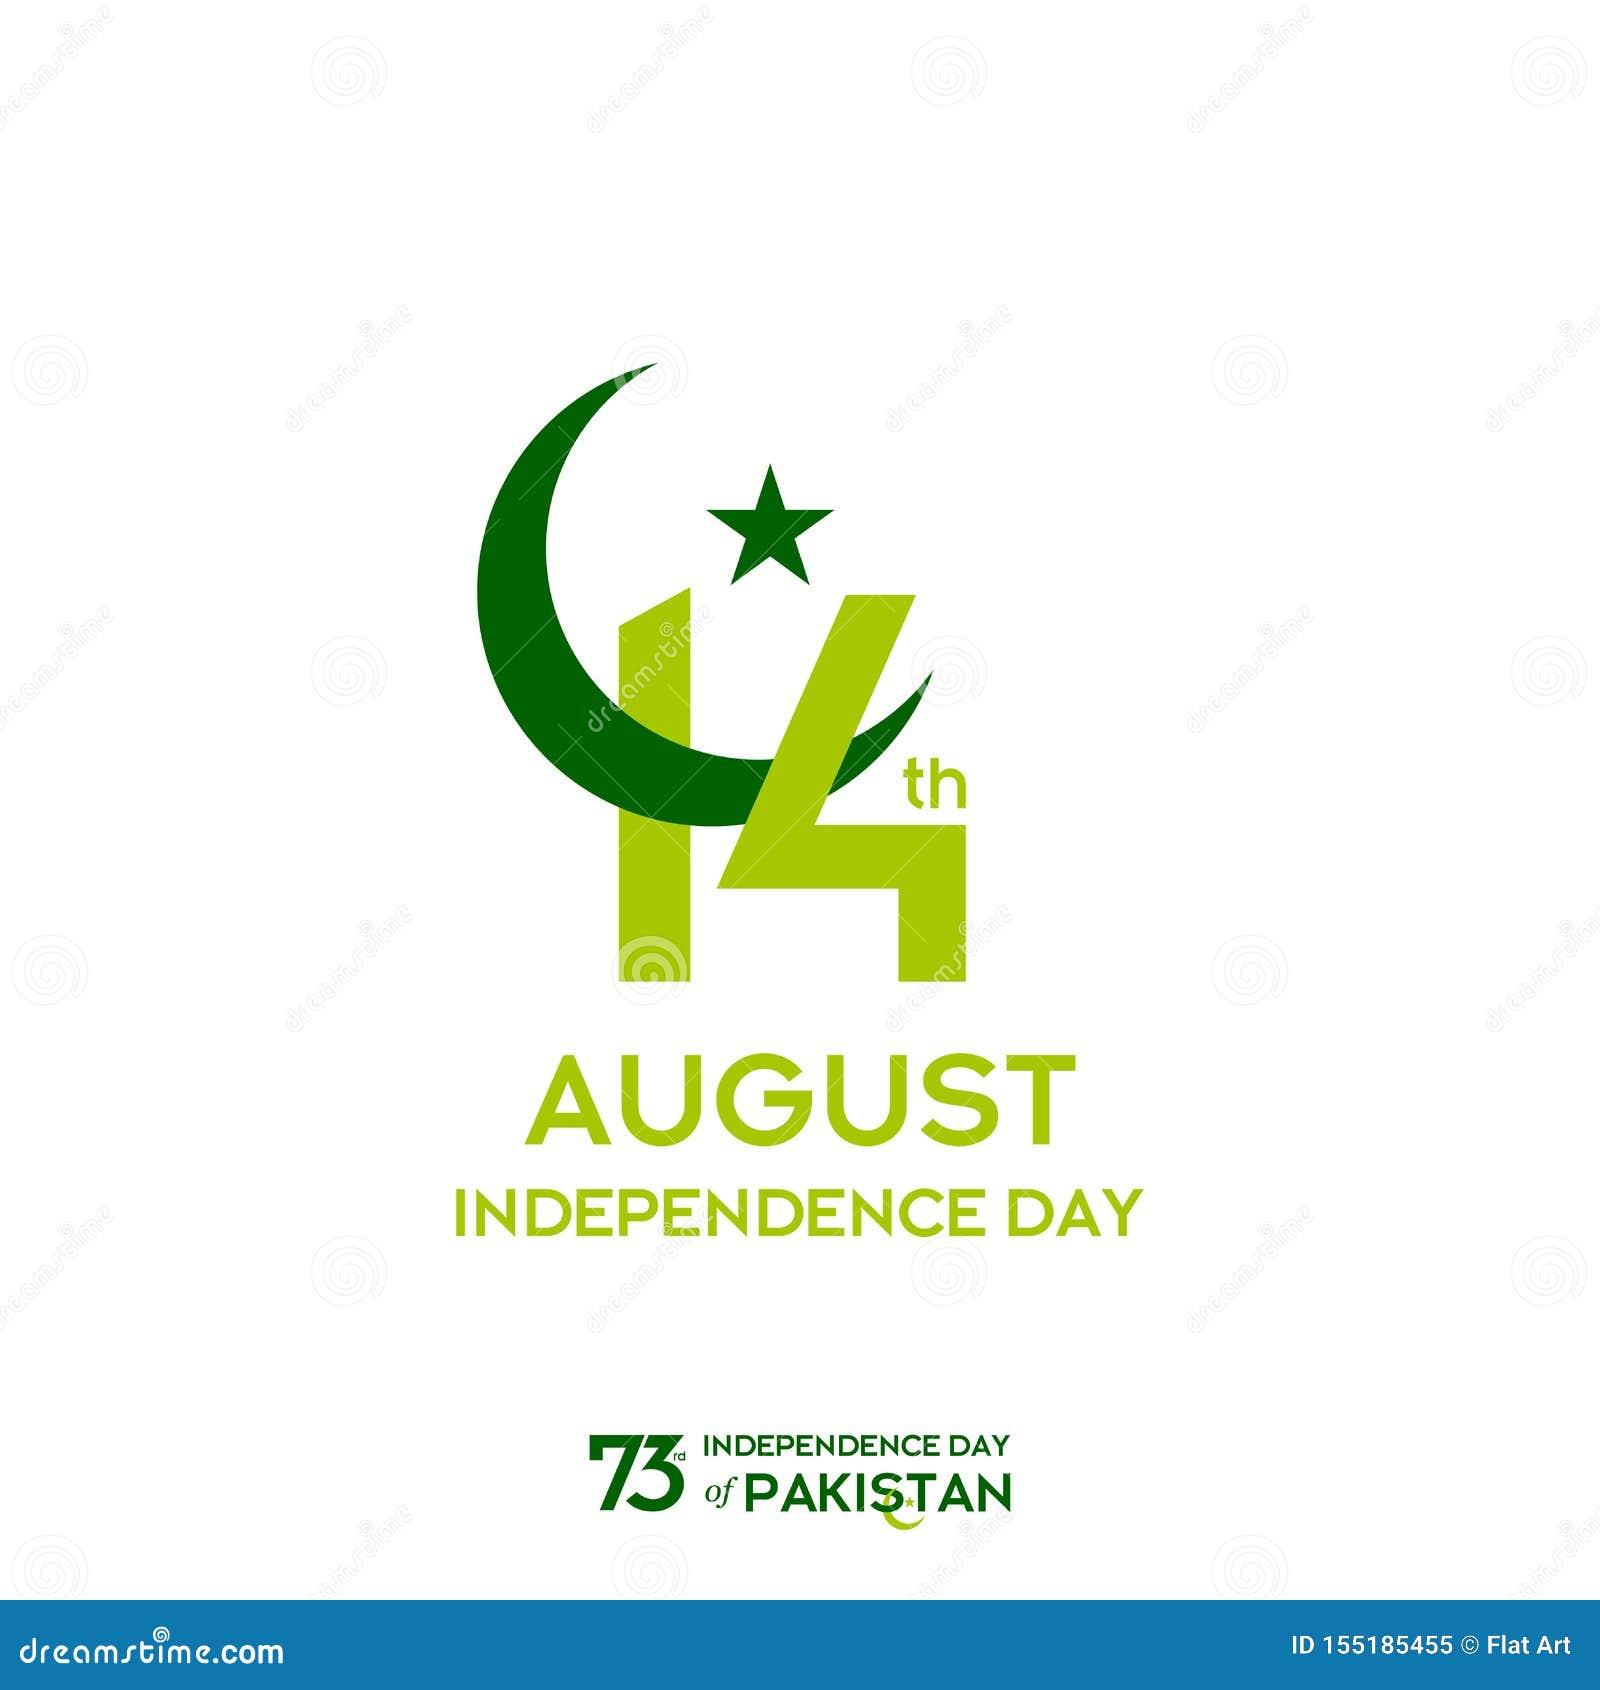 巴基斯坦美国独立日印刷术设计 巴基斯坦传染媒介模板设计第73愉快的美国独立日创造性的印刷术